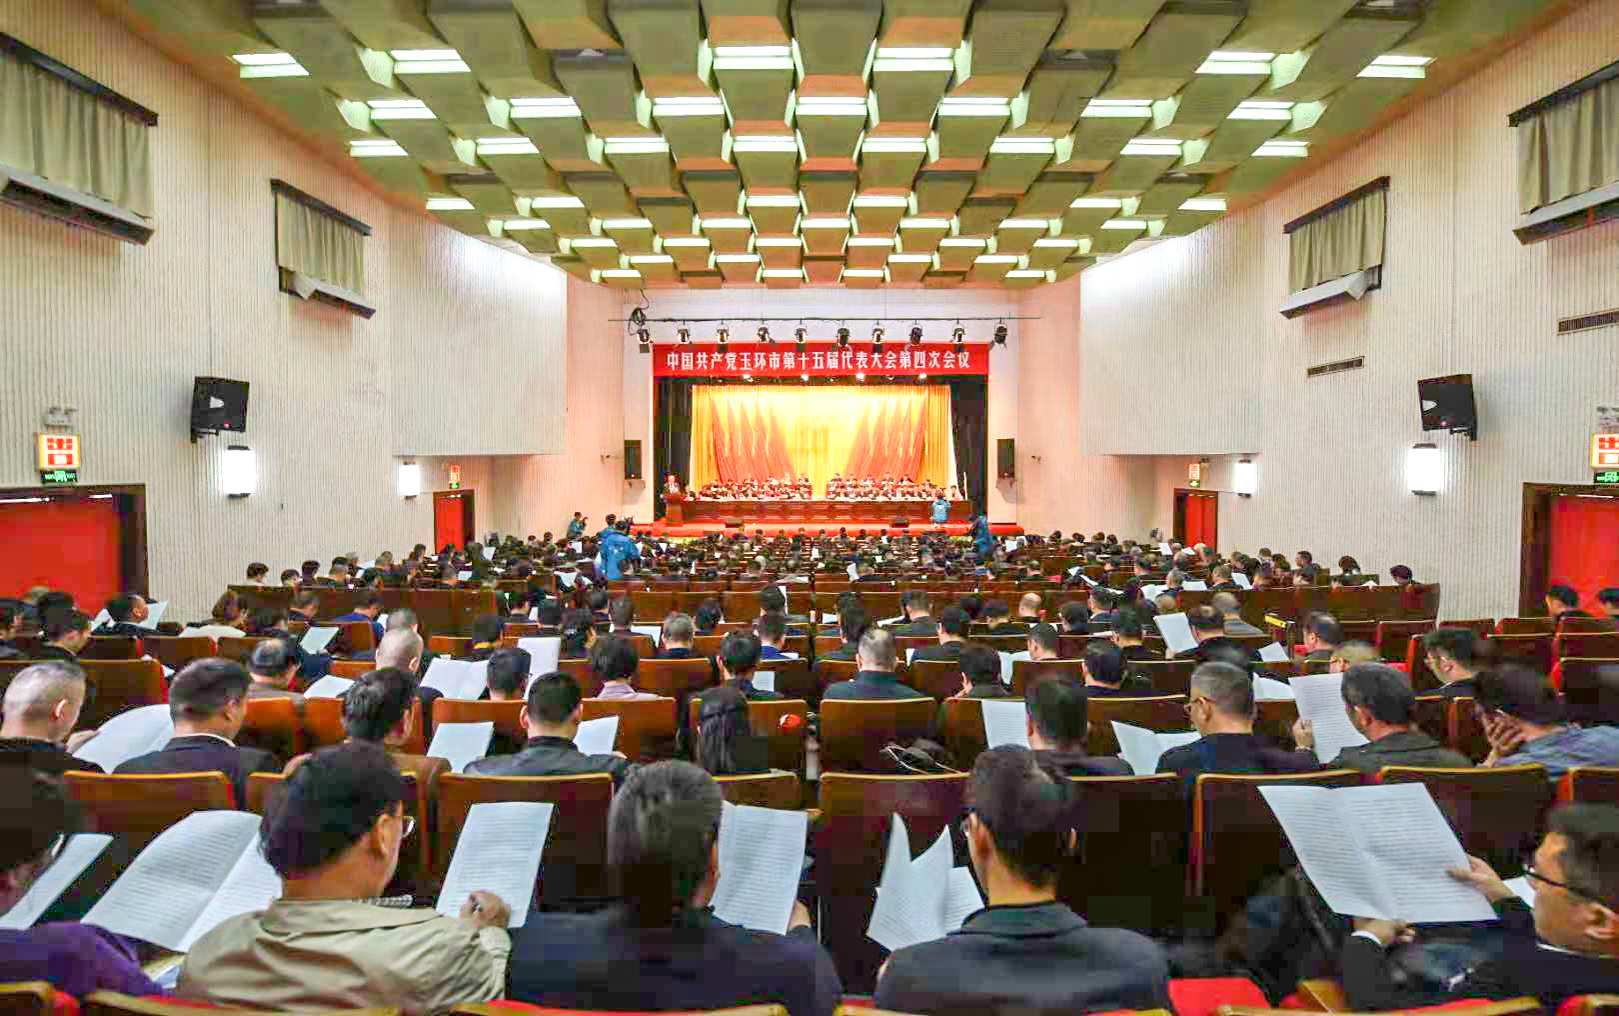 快讯 | 玉环市十五届四次党代会隆重开幕!